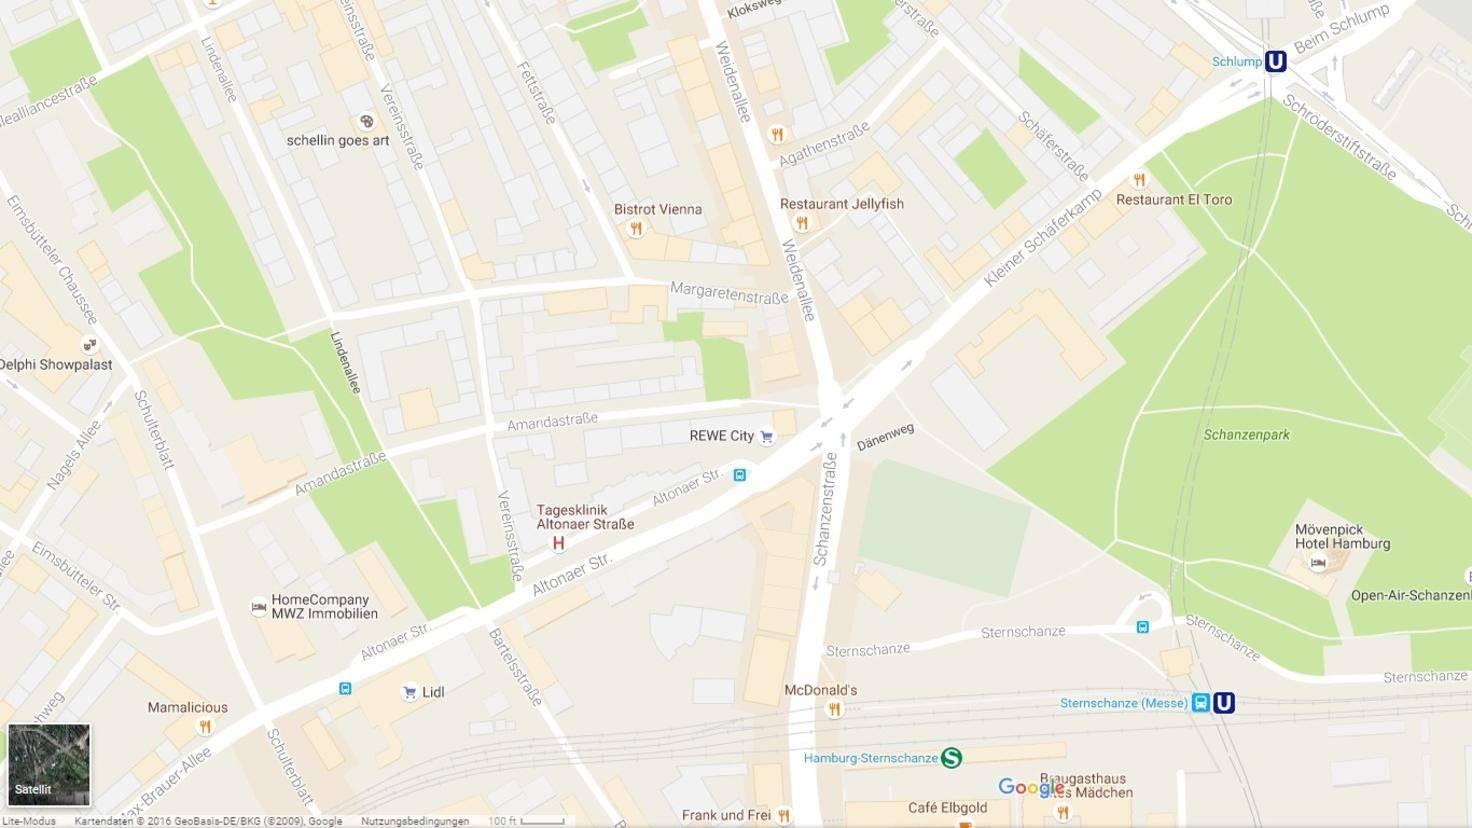 Daten-Google-Maus-Satellitenbilder